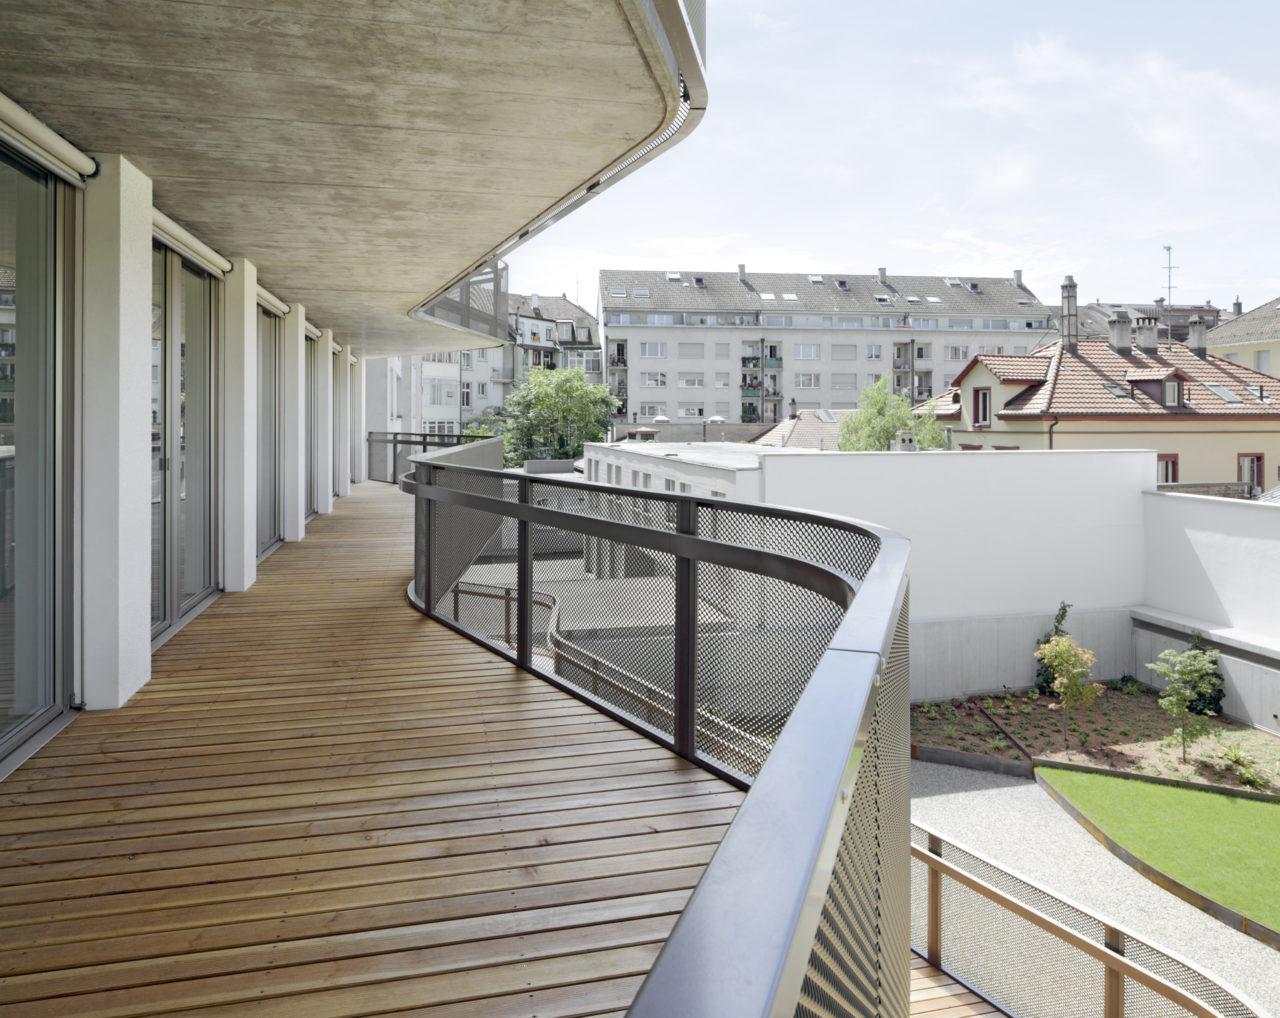 Hofseitige Balkone, Neubau Geschäftsstelle Schweizerisches Rotes Kreuz von Architekturbüro Forsberg in Basel mit Malin Lindholm